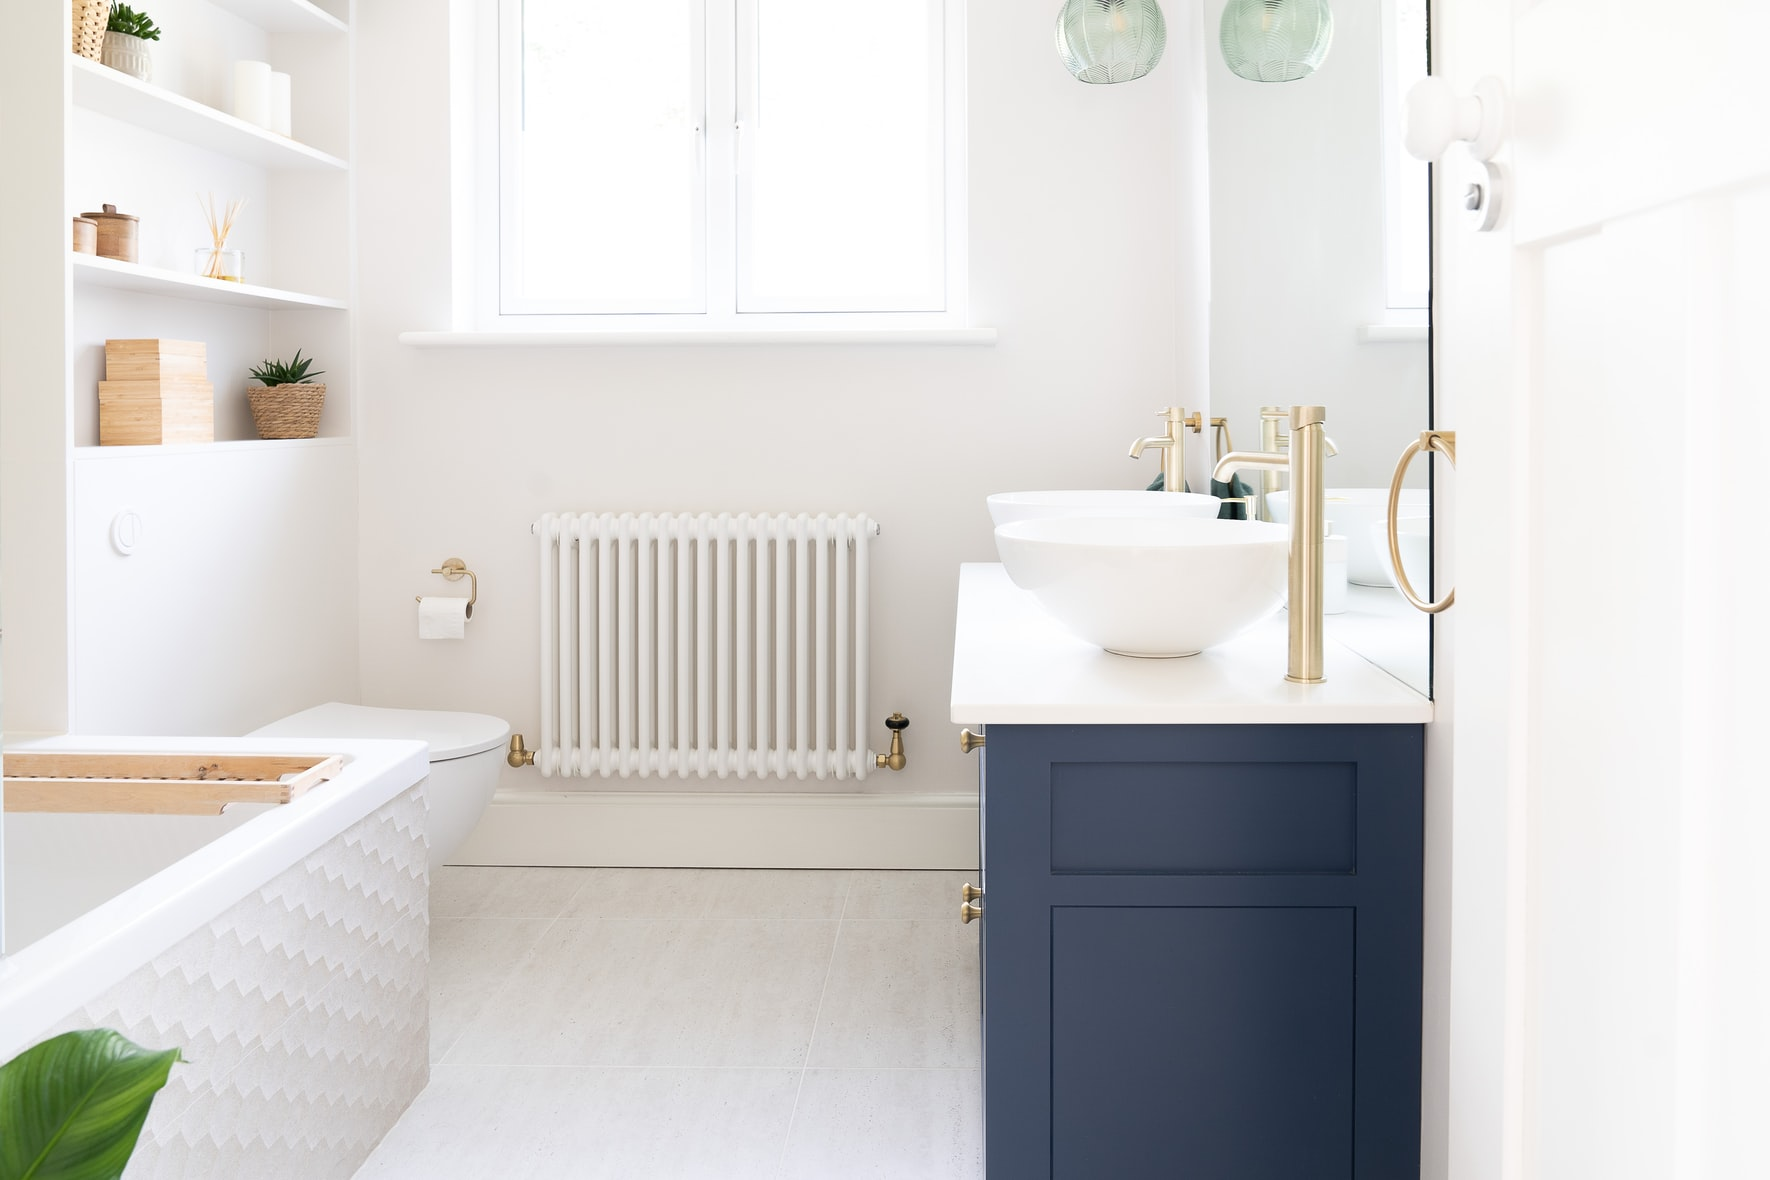 bathroom smells like paint thinner